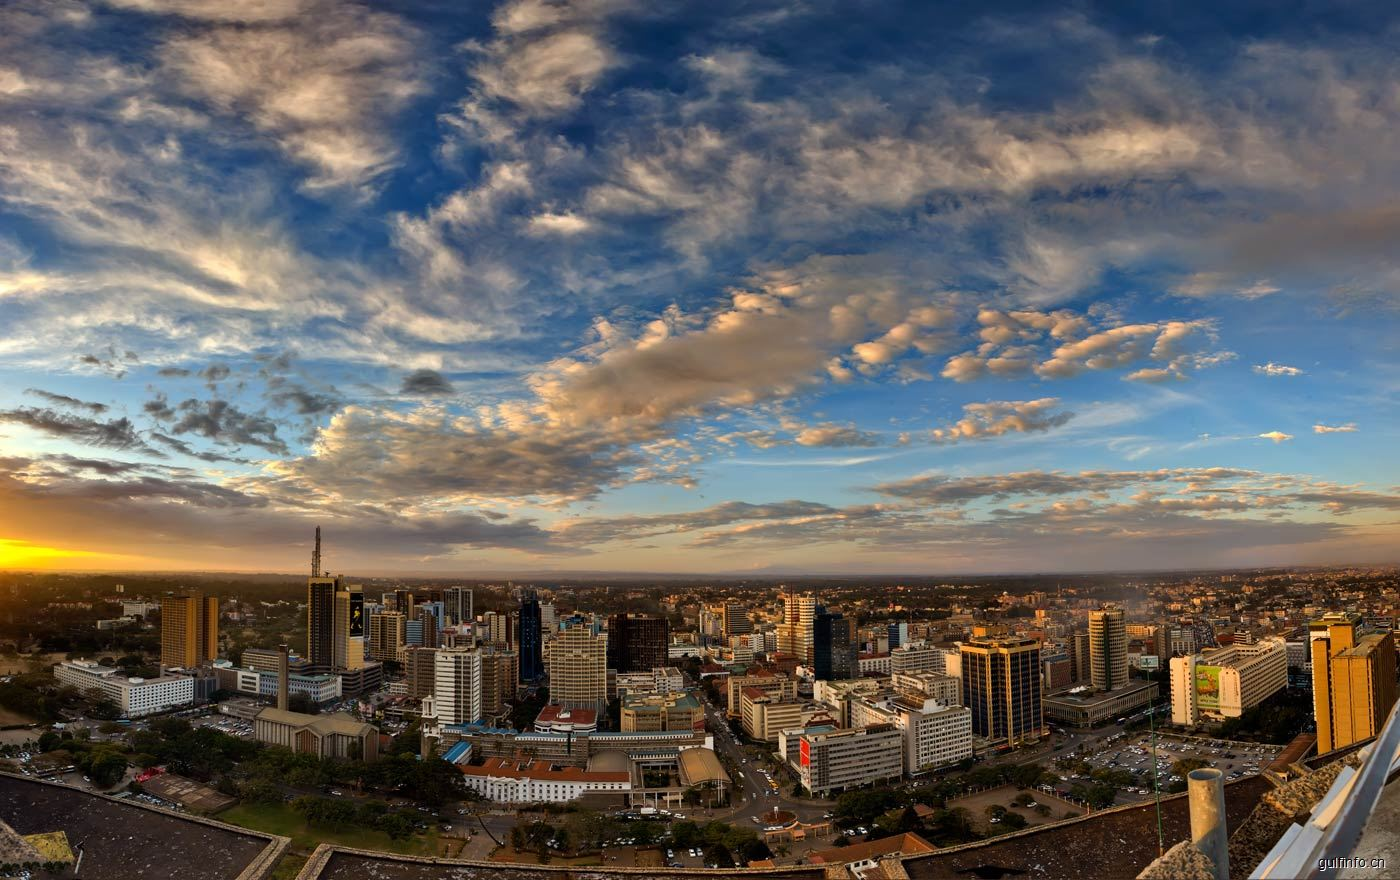 MIE集团(肯尼亚分公司)将承办肯尼亚蒙巴萨政府的进出口交易会